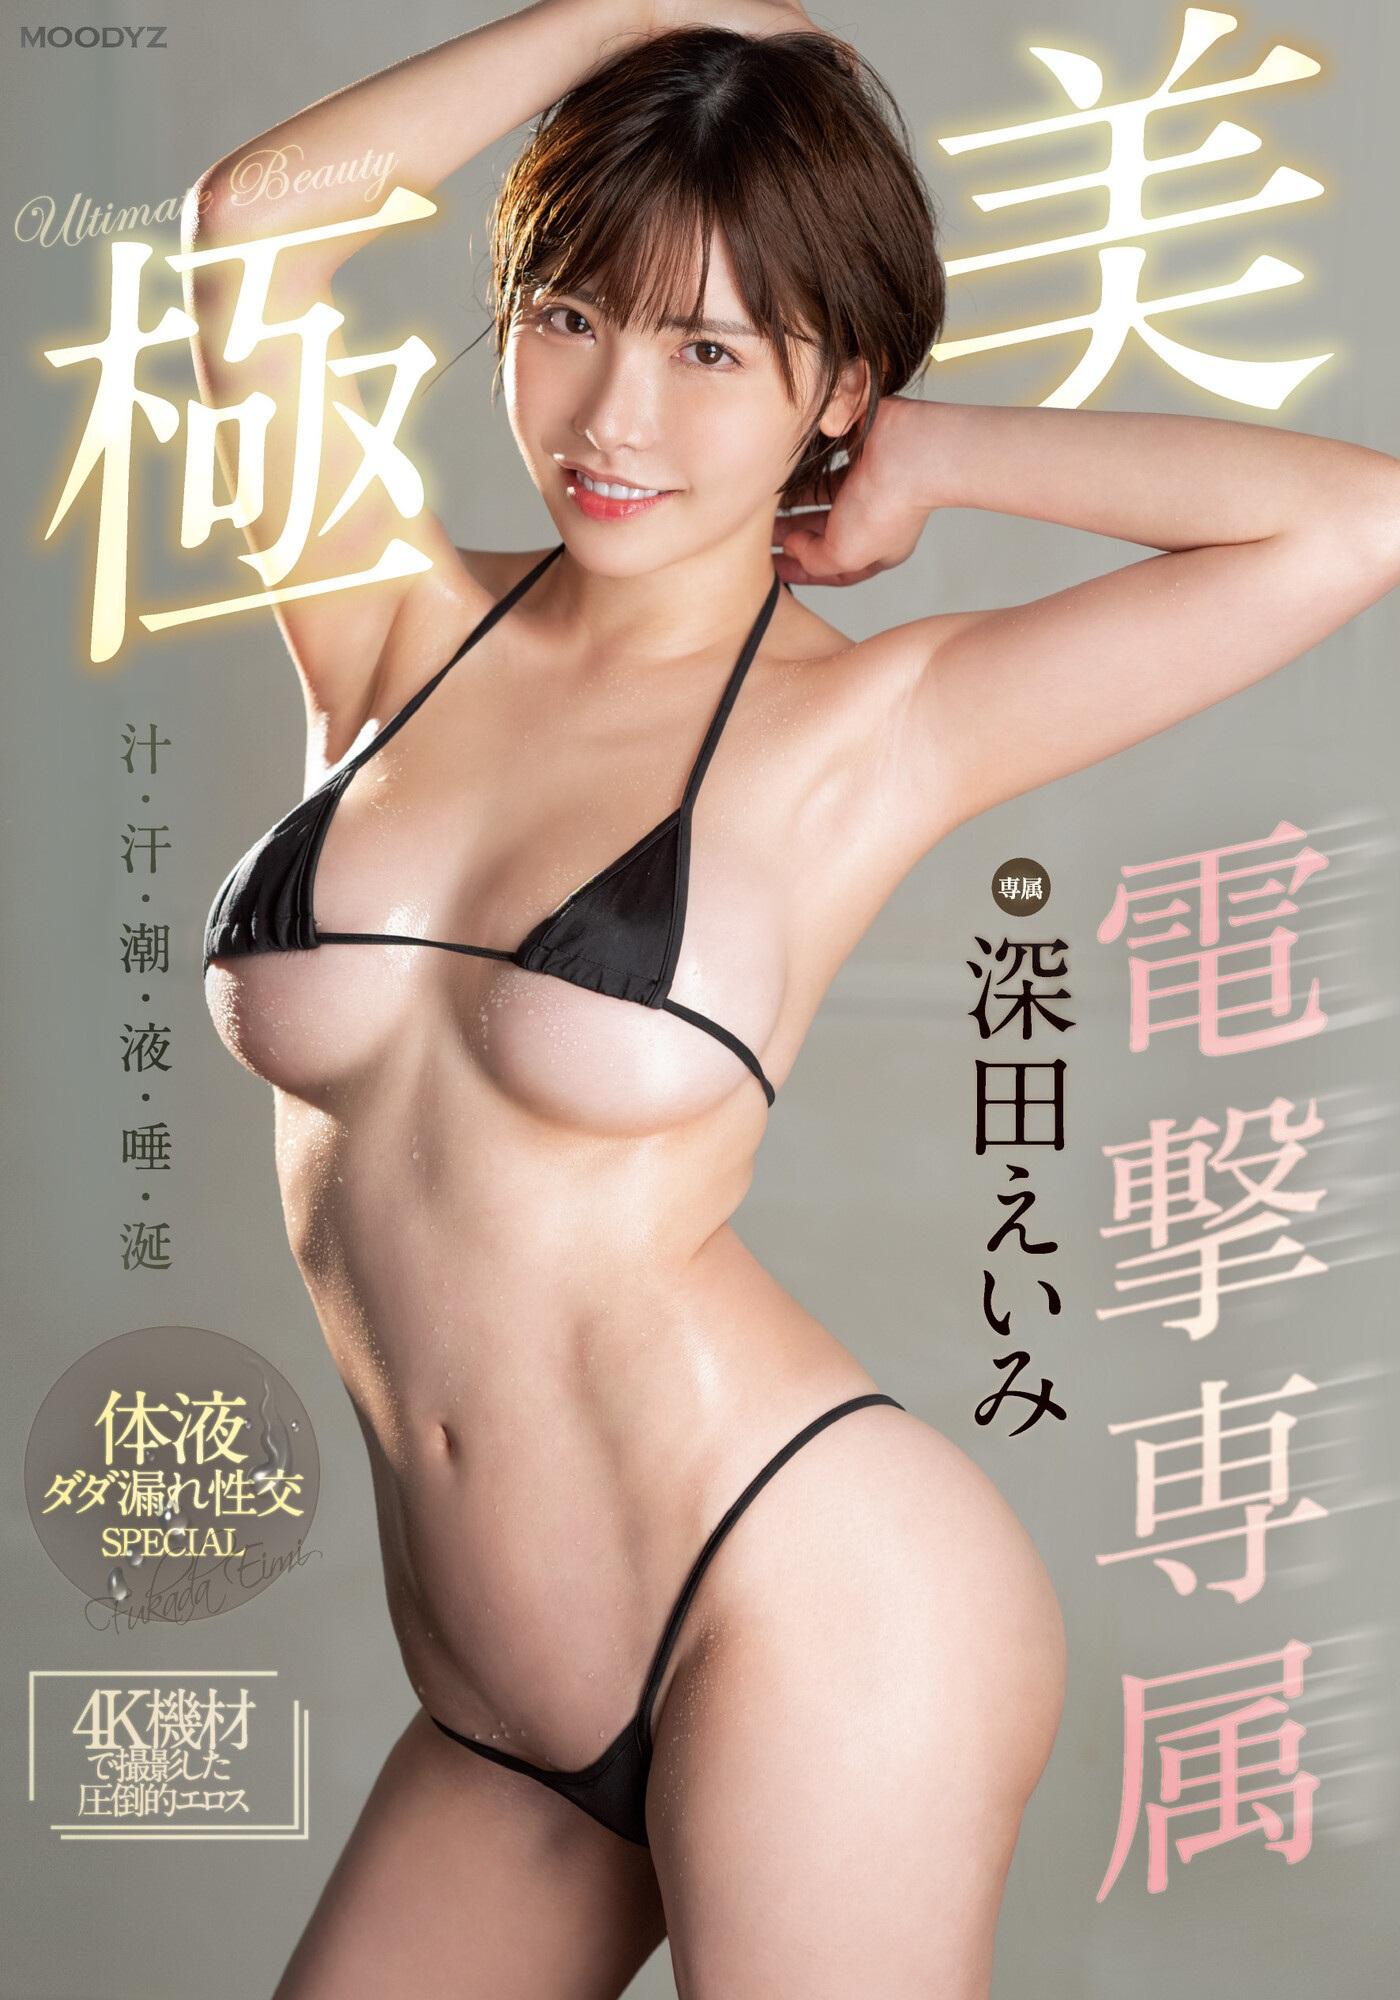 ดาราเอวีหน้าใหม่ค่าย Moodyz - Eimi Fukada